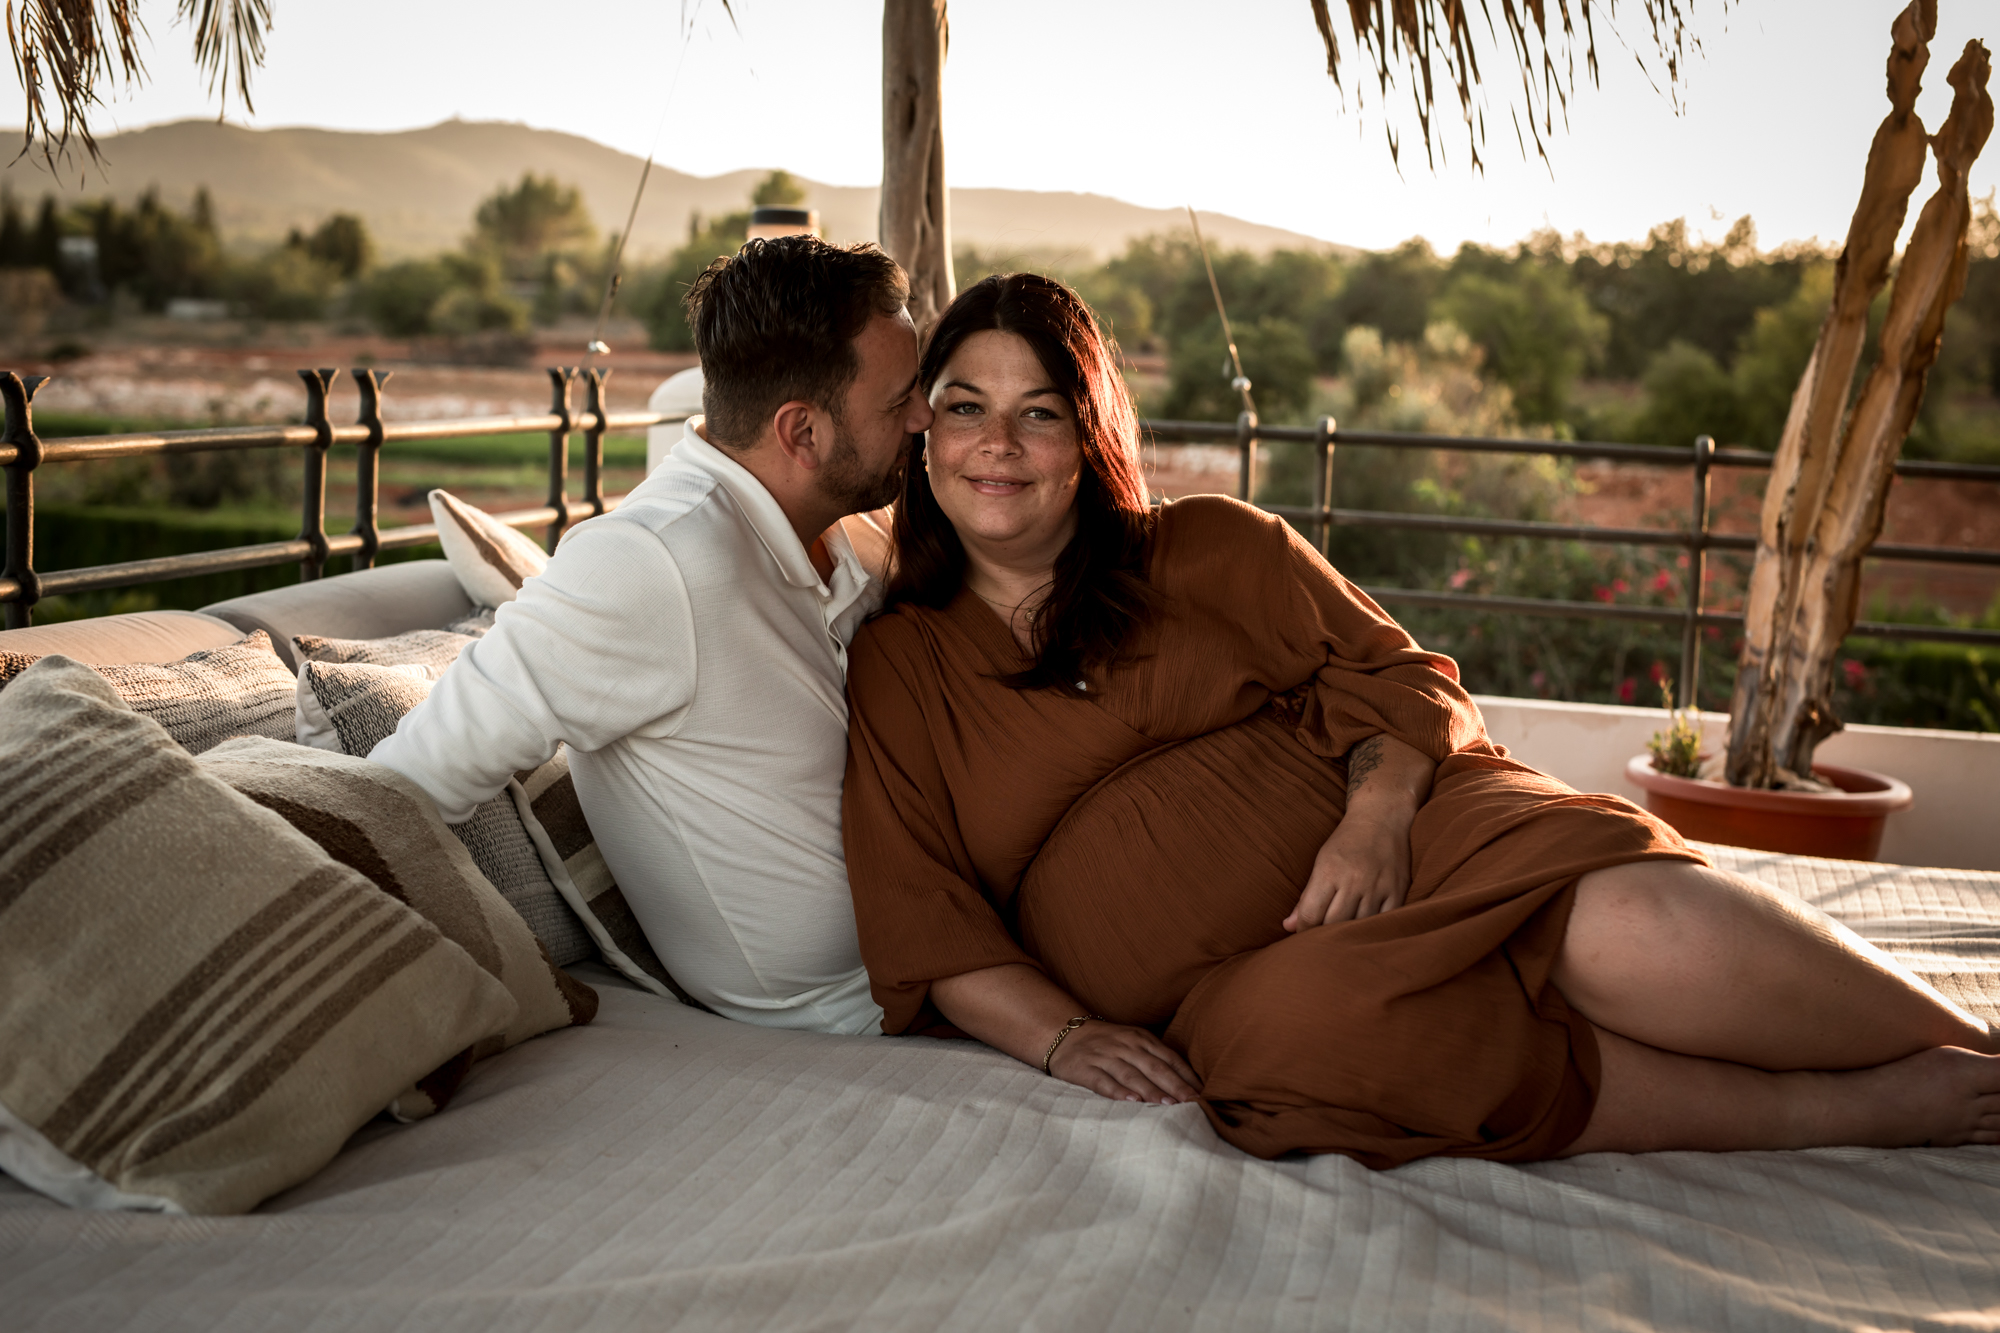 Zwangerschapsreportage op Ibiza deel 1